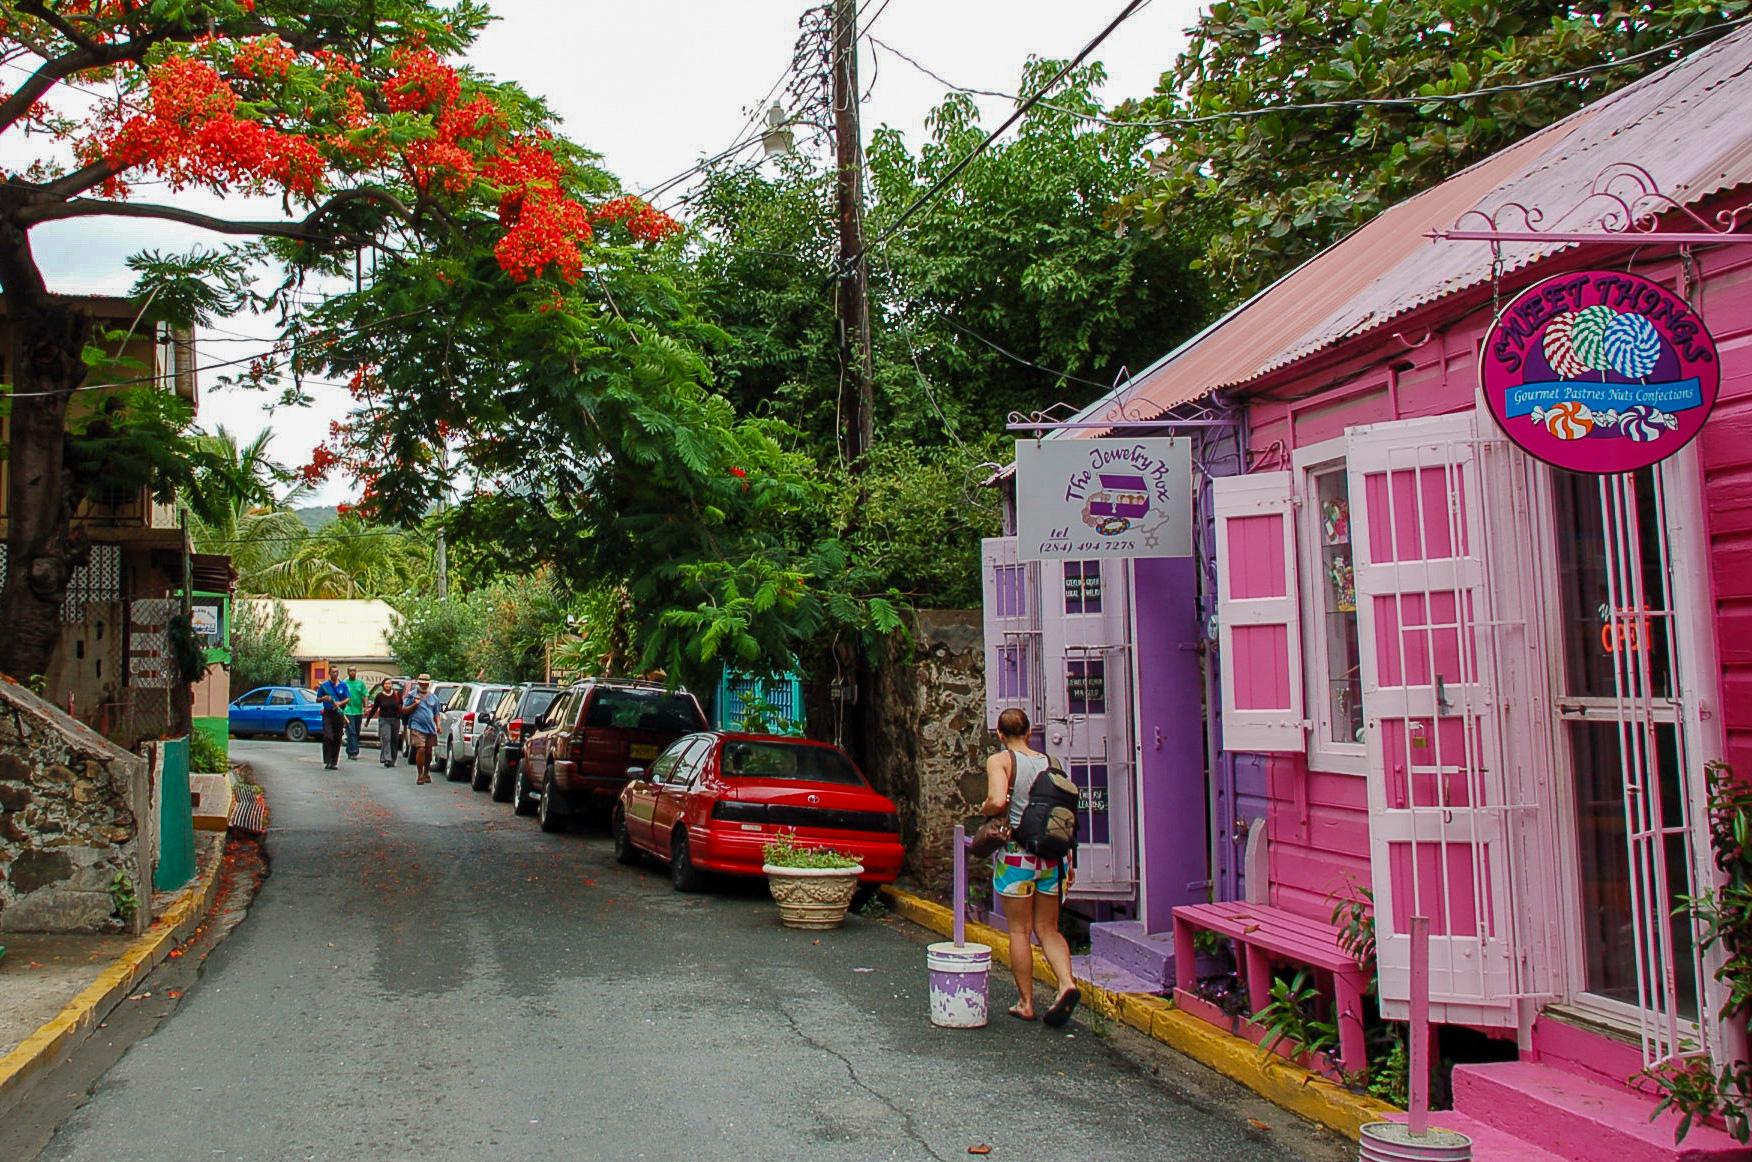 Pastellfarbene Häuser auf den BVI mit Flammenbaum